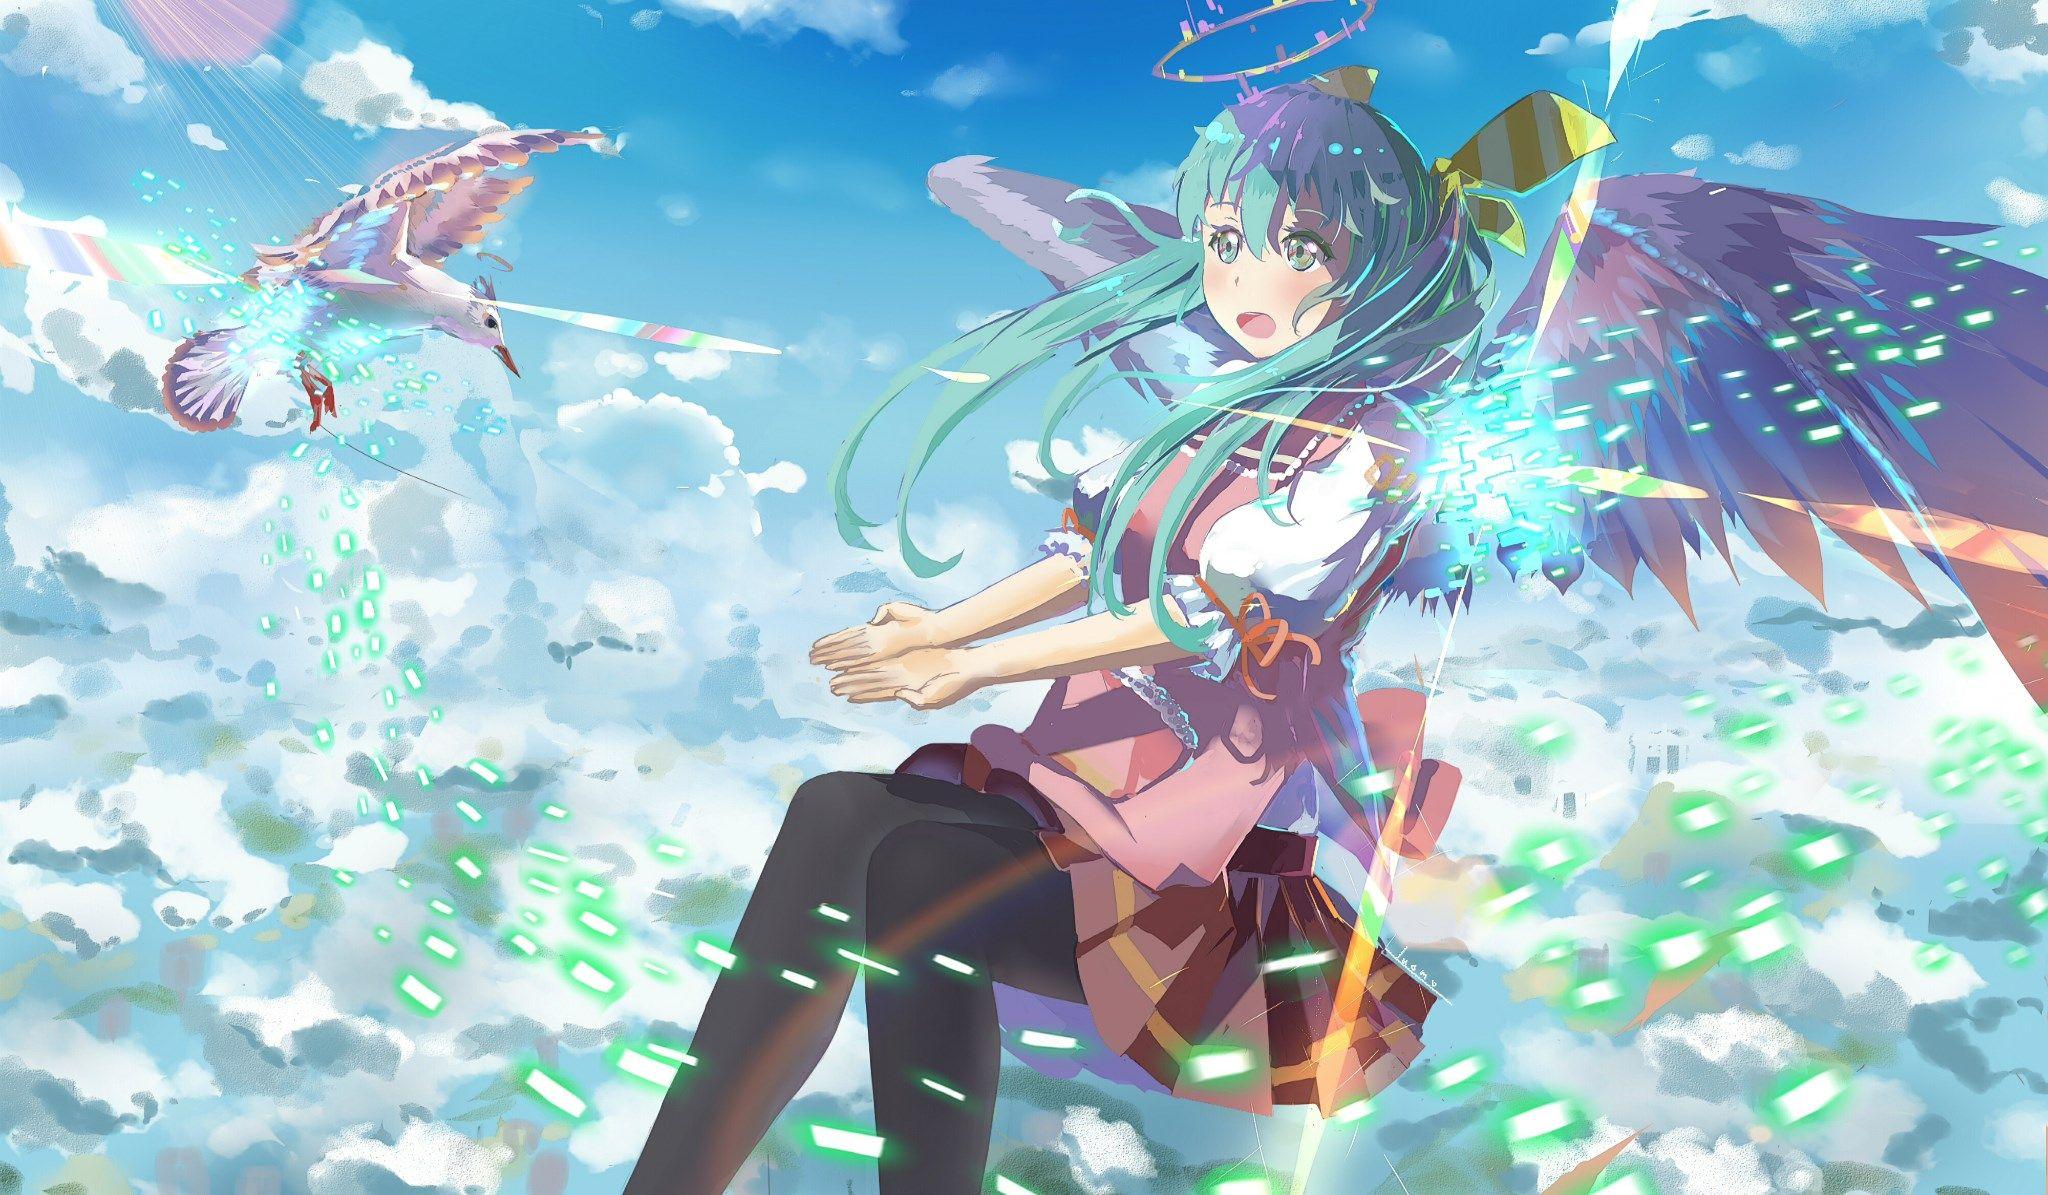 HD Widescreen vocaloid Vocaloid, Hatsune miku, Wallpaper